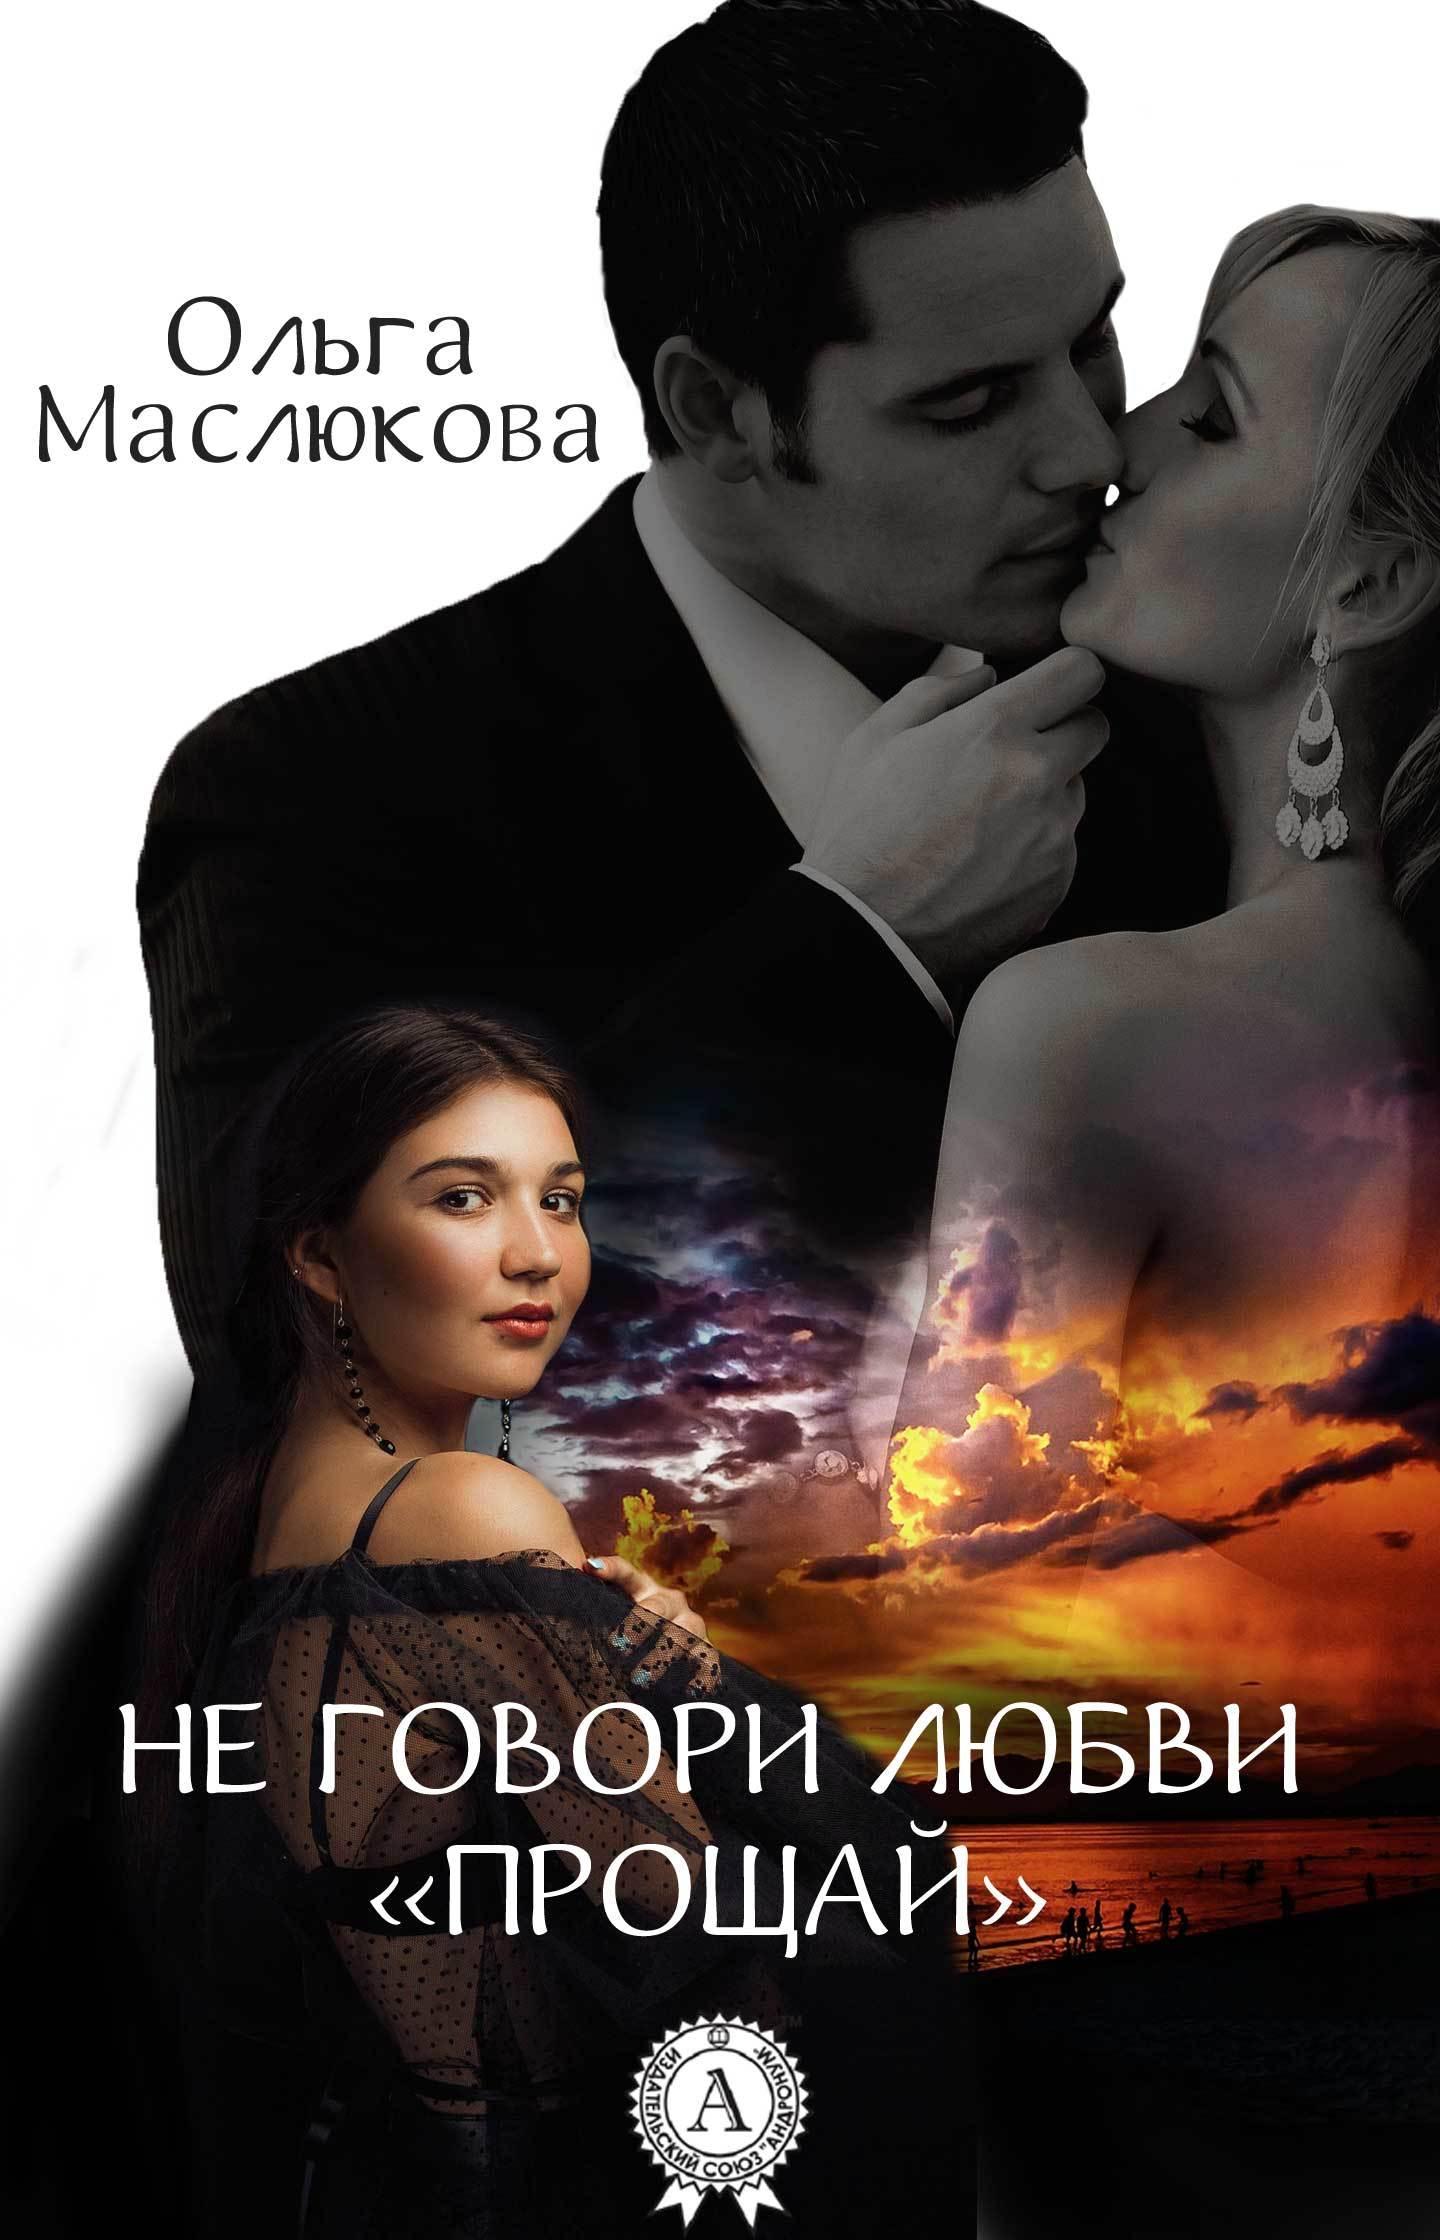 Ольга Маслюкова «Не говори любви «прощай»»